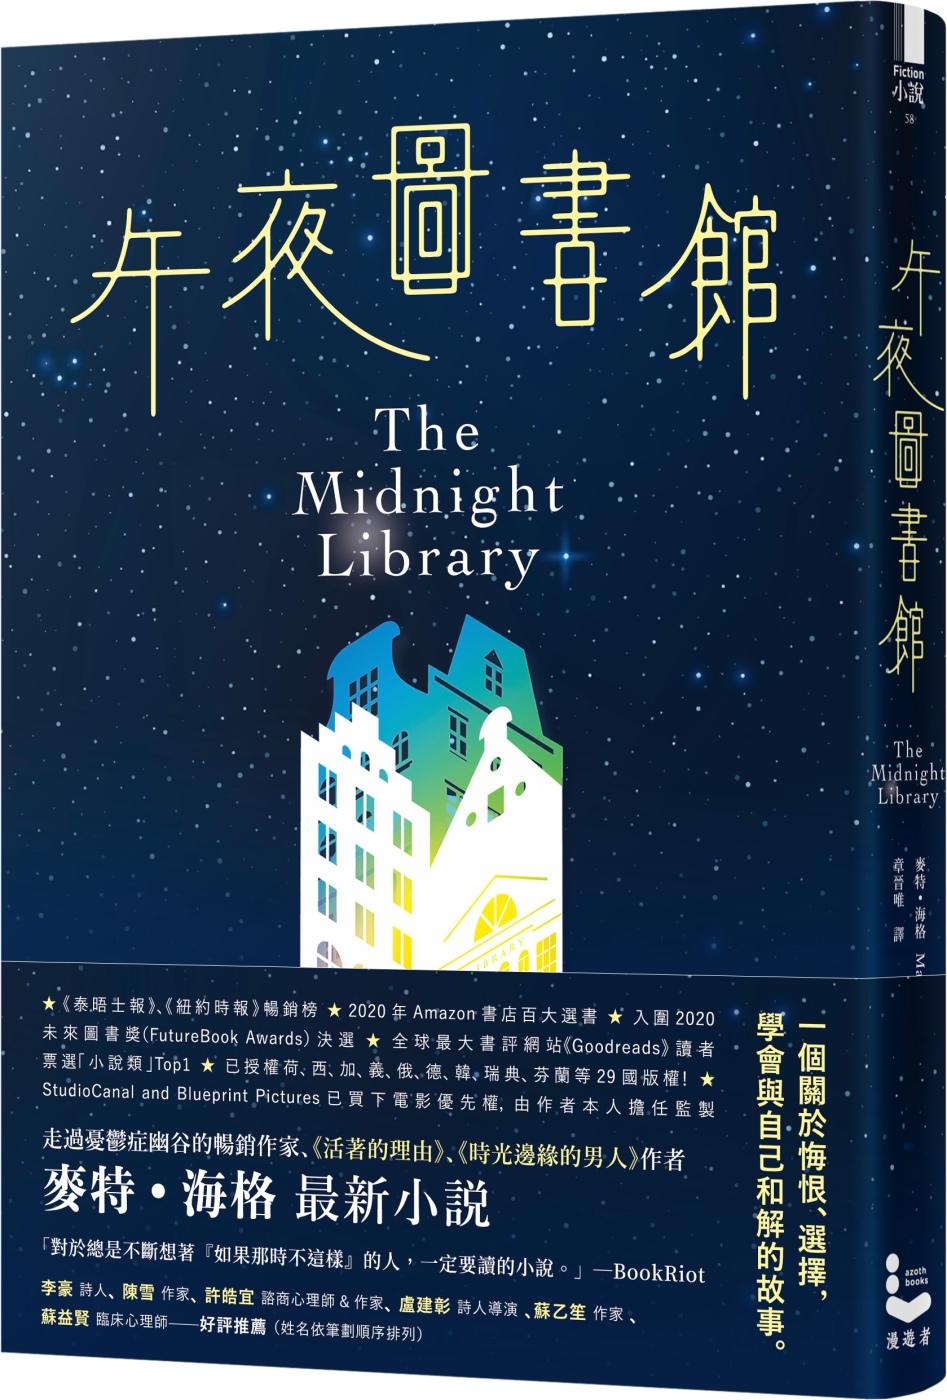 午夜圖書館【博客來獨家書衣版】